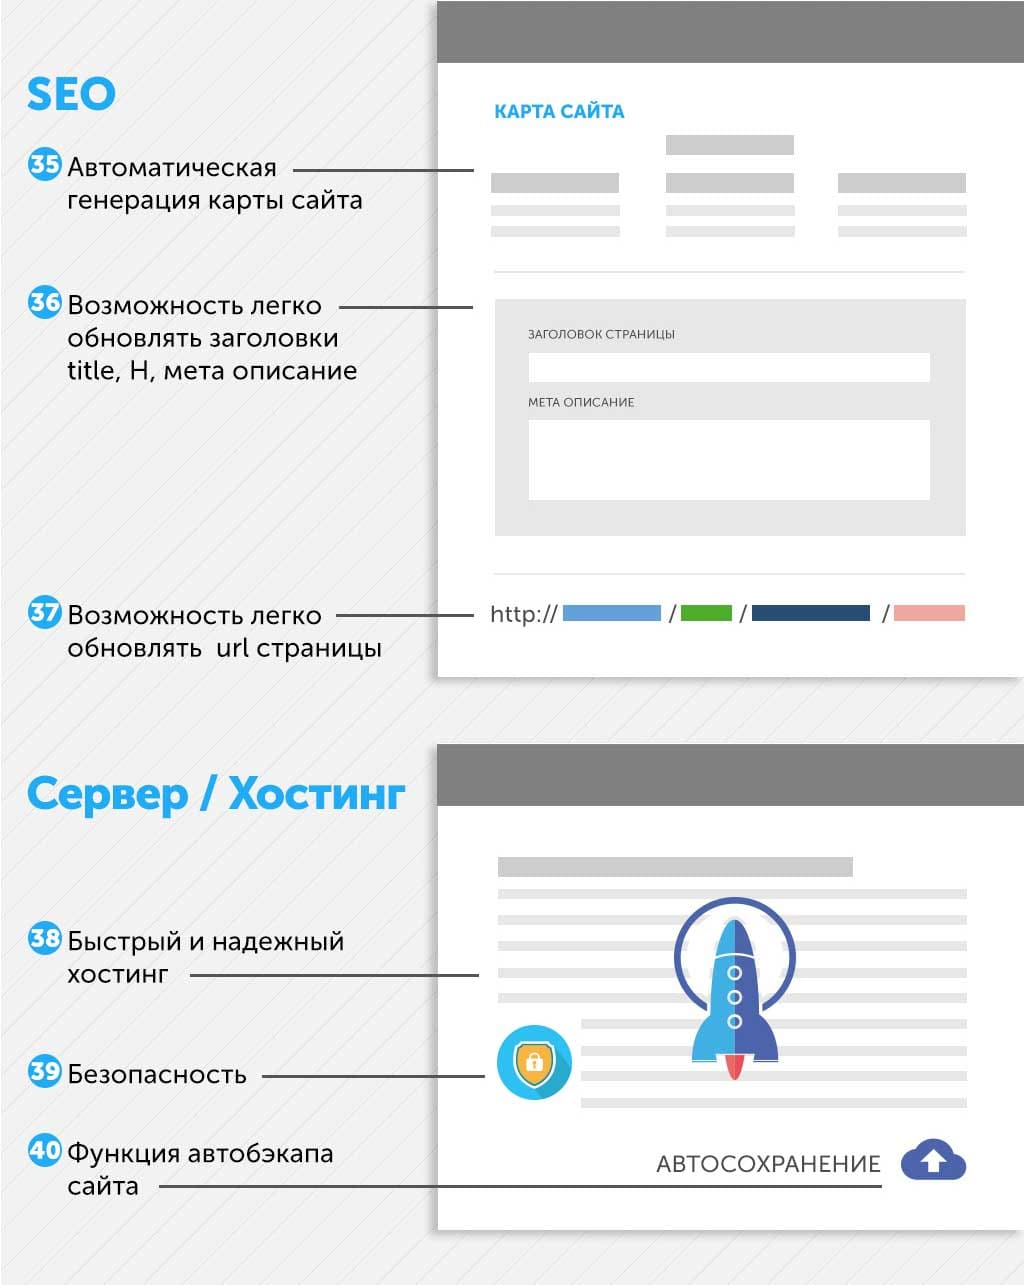 Заказать сайт. Разработка веб-дизайна сайта Инфографика.